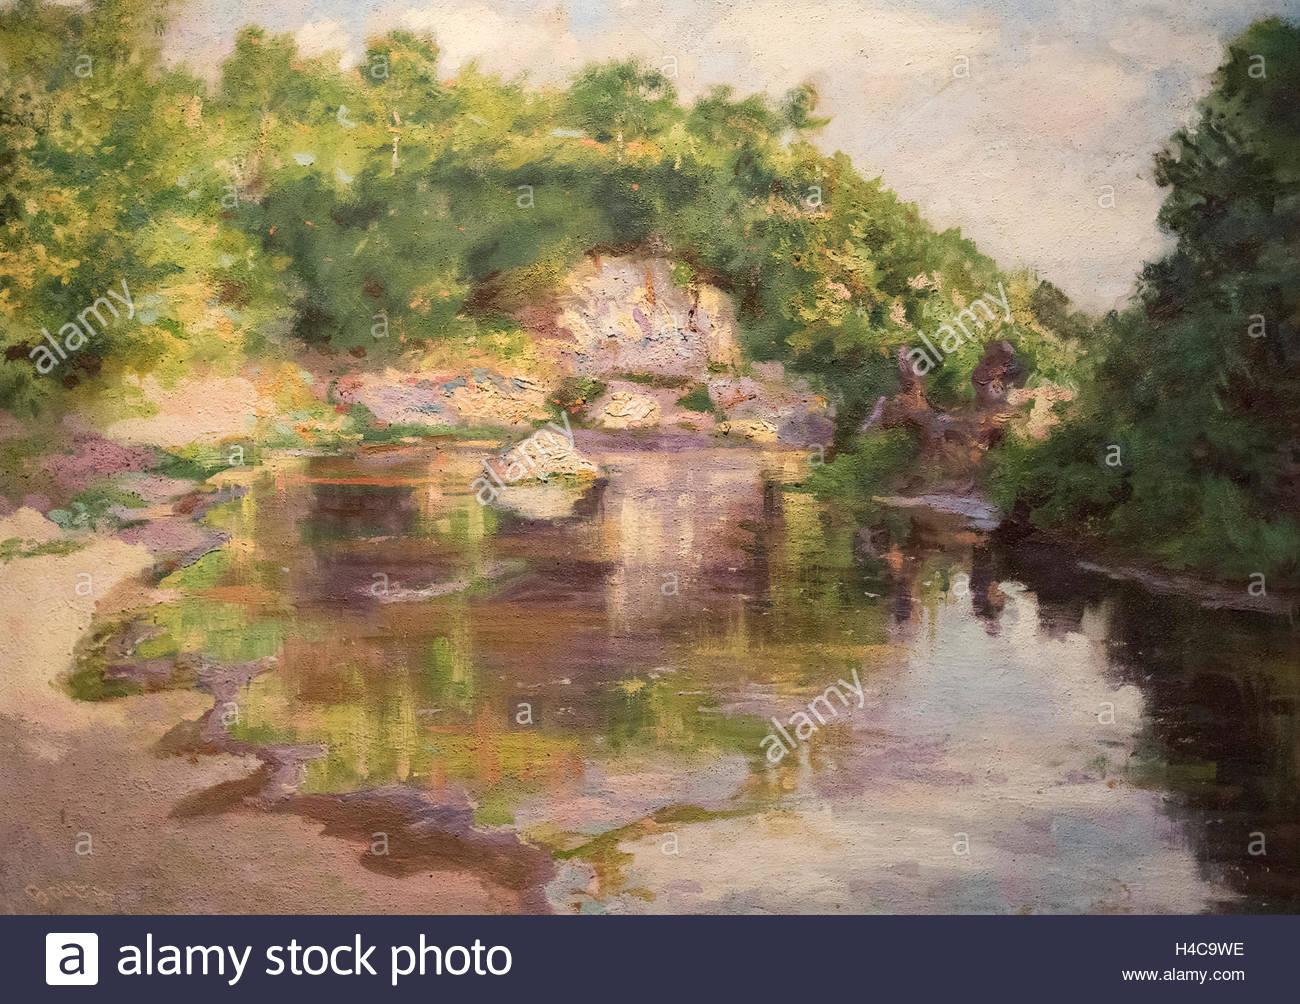 Giacomo Balla (1871-1958), Il ruscello di Borghetto, 1938. The Stream of Borghetto - Stock Image